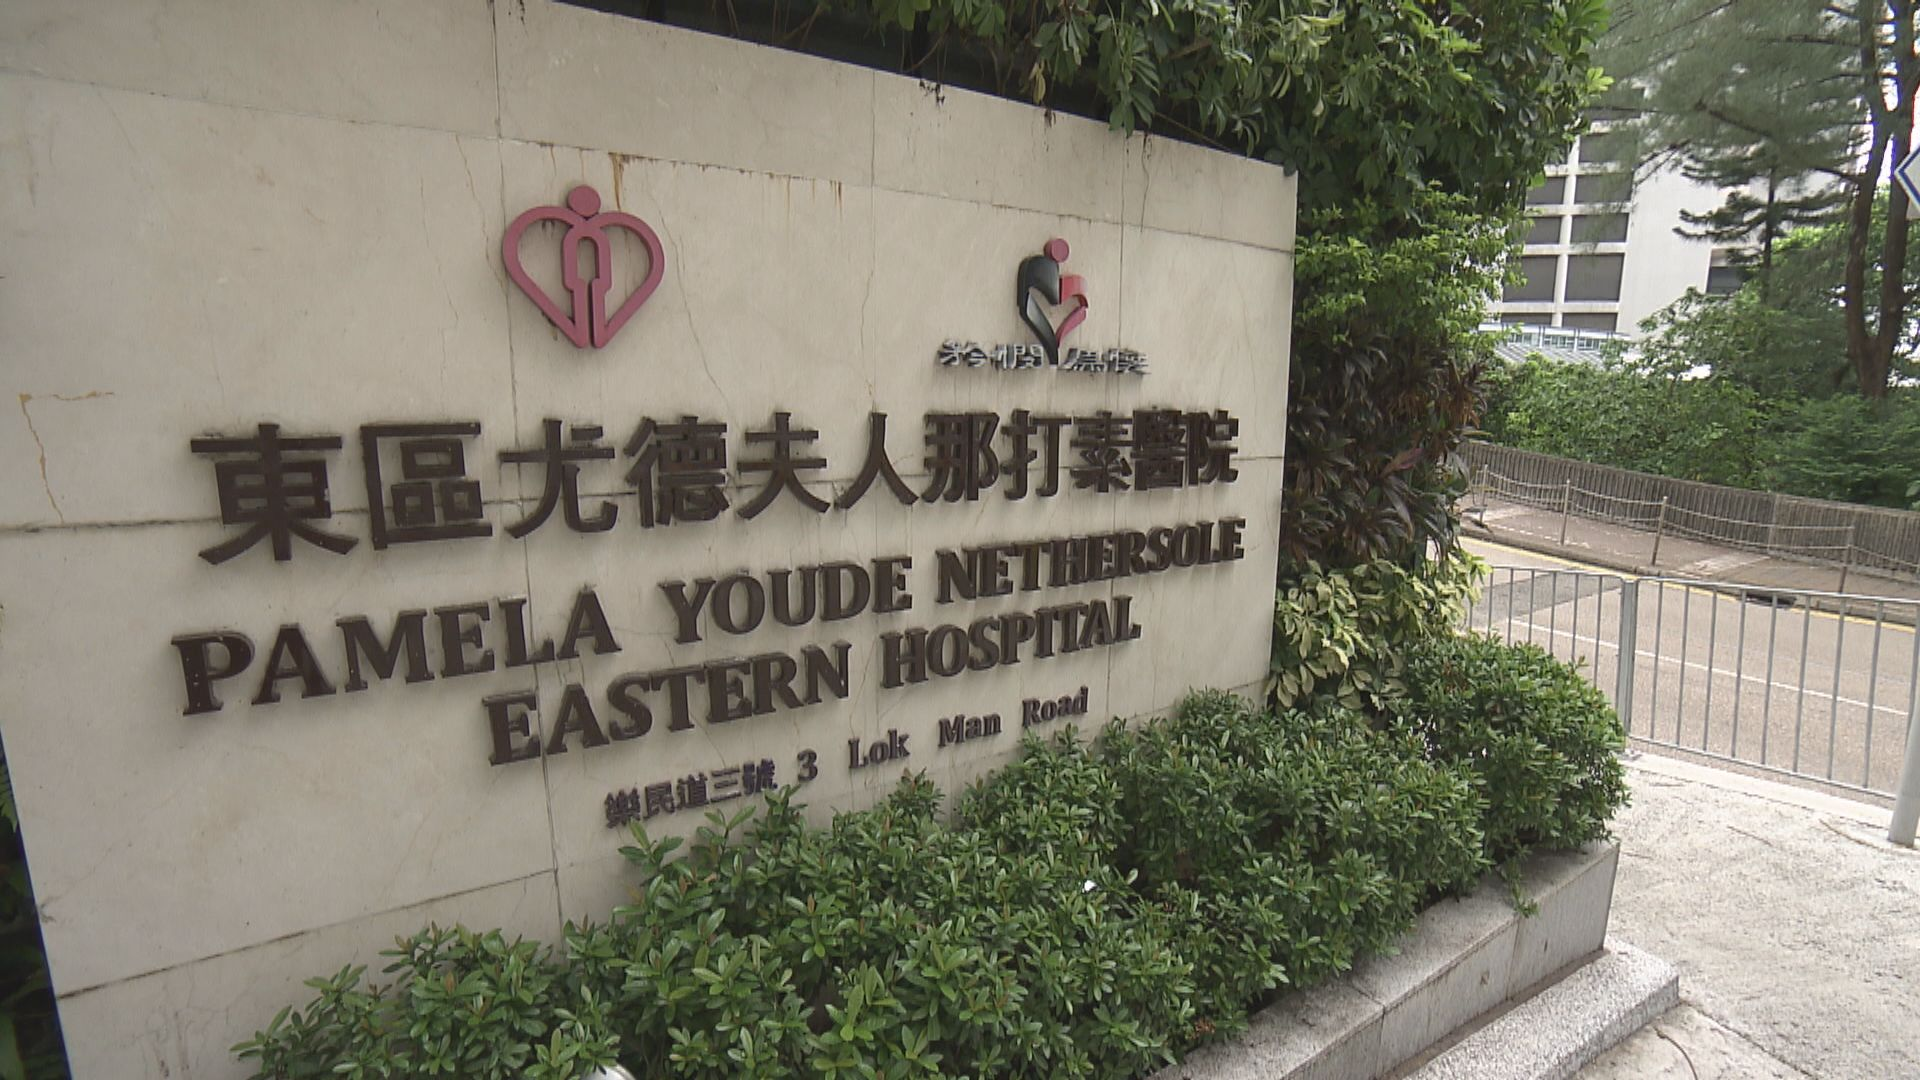 消息:東區醫院一名危殆男病人初步測試陽性